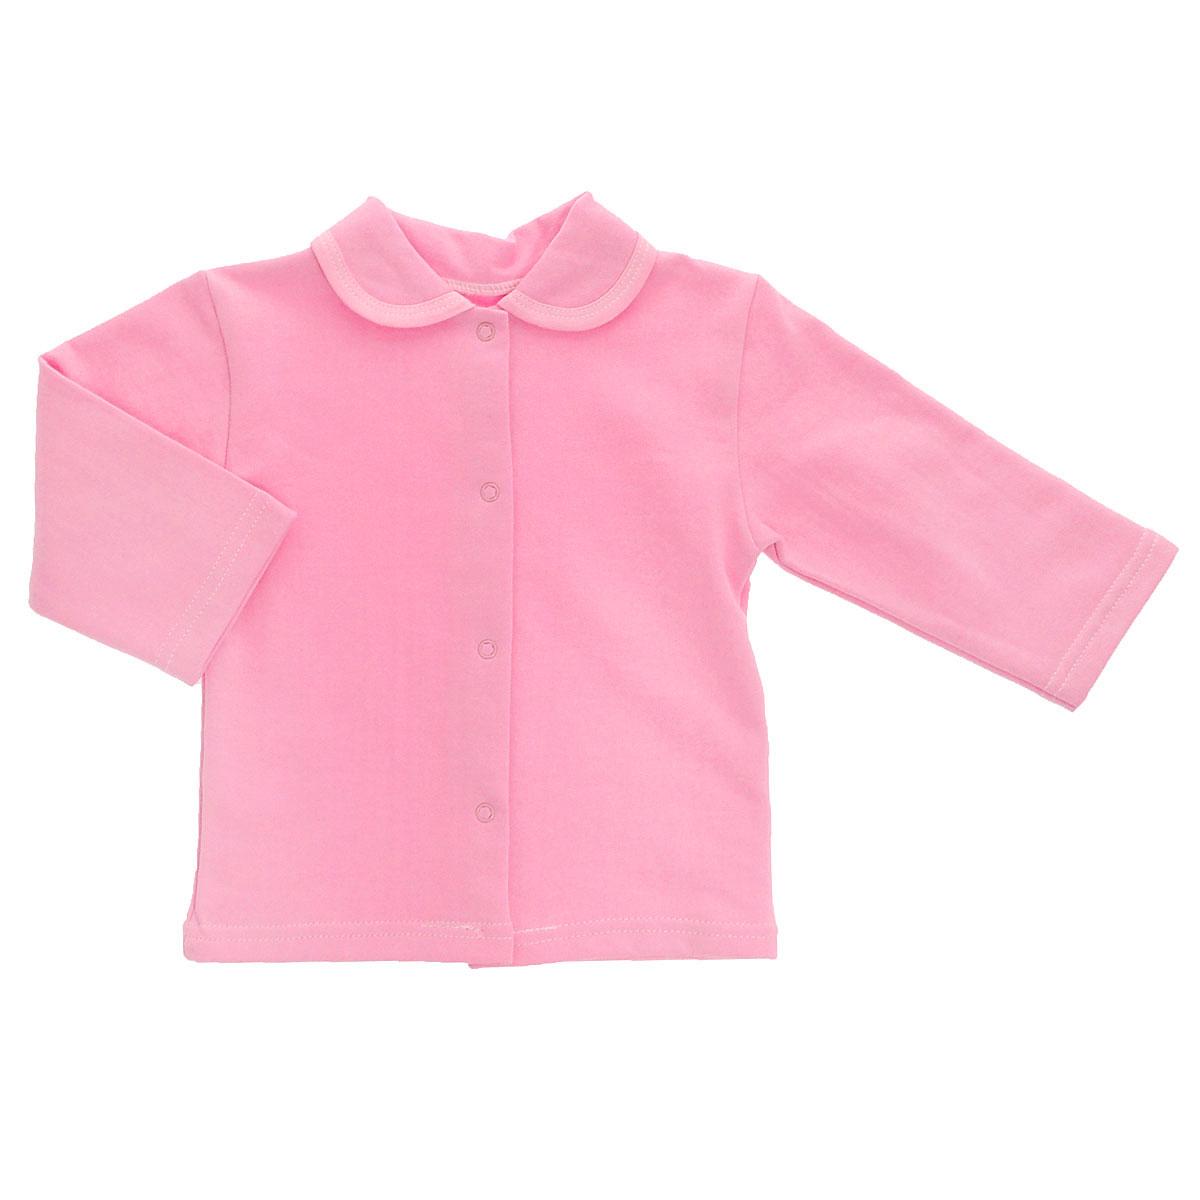 Кофточка детская Трон-плюс, цвет: розовый. 5175. Размер 74, 9 месяцев5175Кофточка для новорожденного Трон-плюс с длинными рукавами послужит идеальным дополнением к гардеробу вашего малыша, обеспечивая ему наибольший комфорт. Изготовленная из футерованного полотна - натурального хлопка, она необычайно мягкая и легкая, не раздражает нежную кожу ребенка и хорошо вентилируется, а эластичные швы приятны телу малыша и не препятствуют его движениям. Удобные застежки-кнопки по всей длине помогают легко переодеть младенца. Модель дополнена отложным воротником.Кофточка полностью соответствует особенностям жизни ребенка в ранний период, не стесняя и не ограничивая его в движениях.